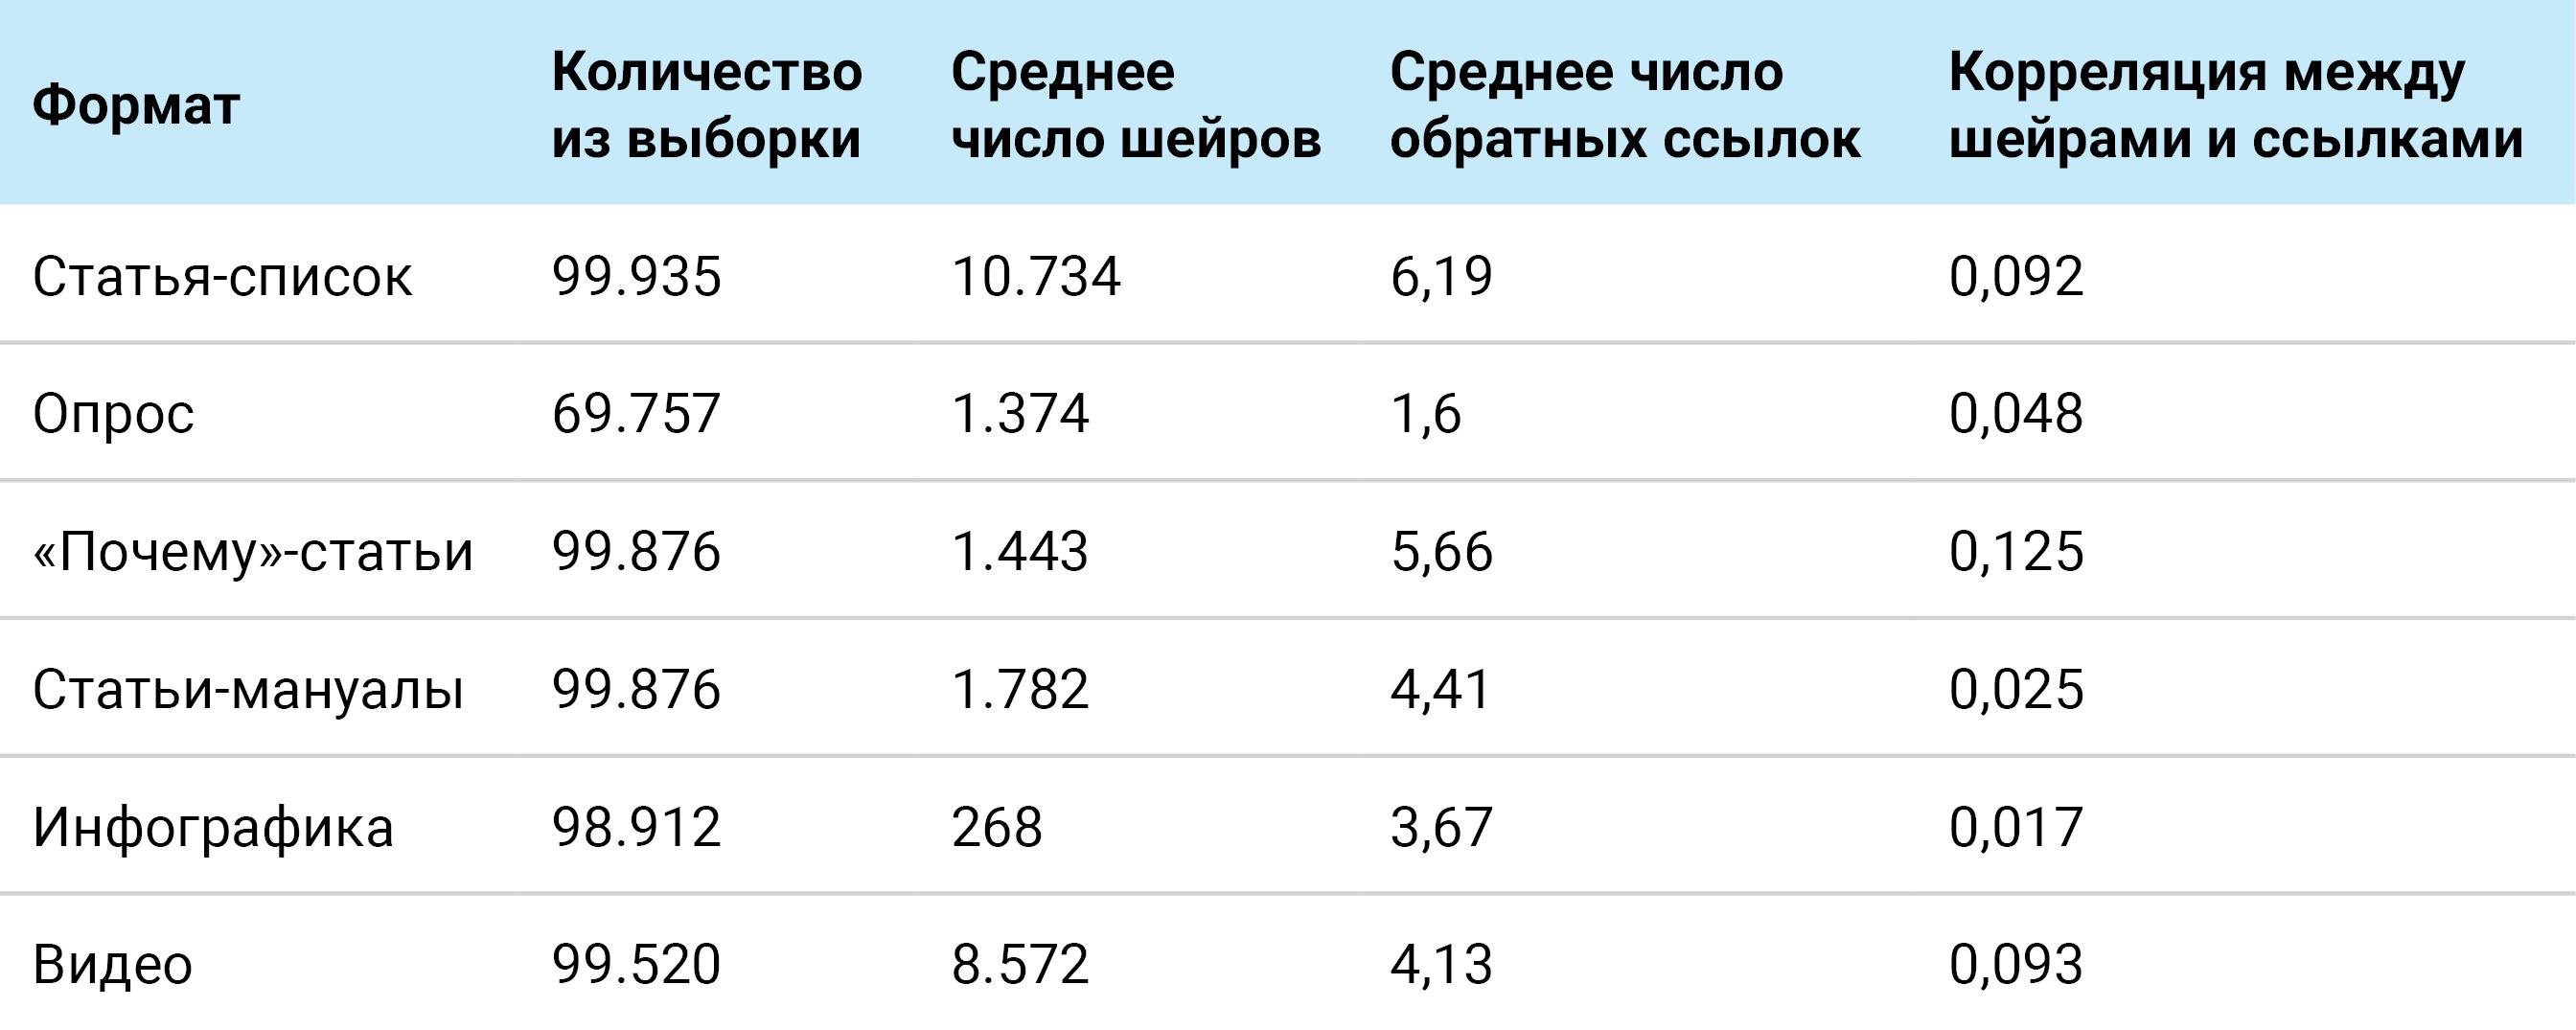 Количество внешних ссылок в зависимости от формата поста